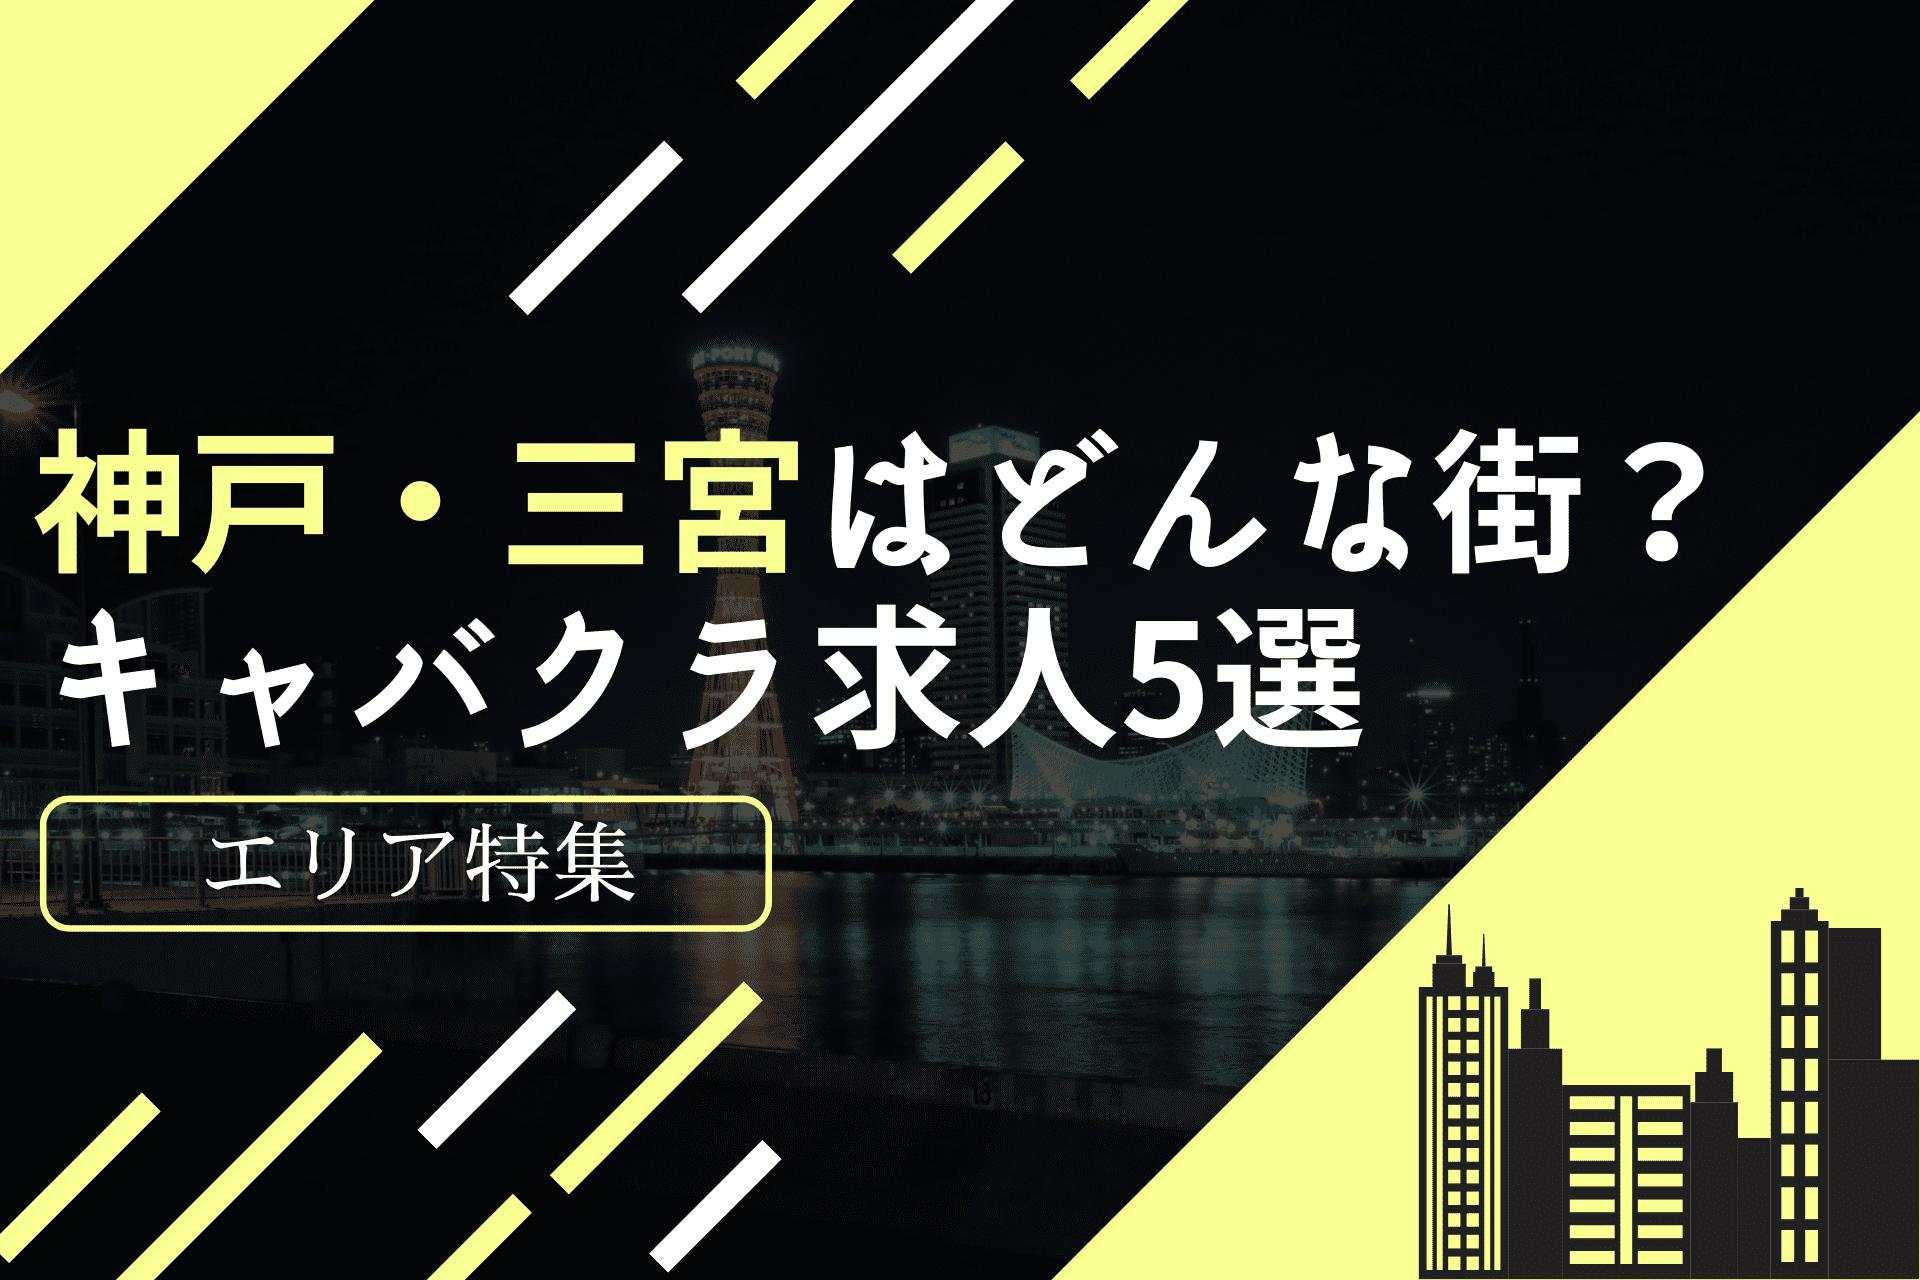 【エリア特集】神戸・三宮はどんな街?おすすめキャバクラ求人5選